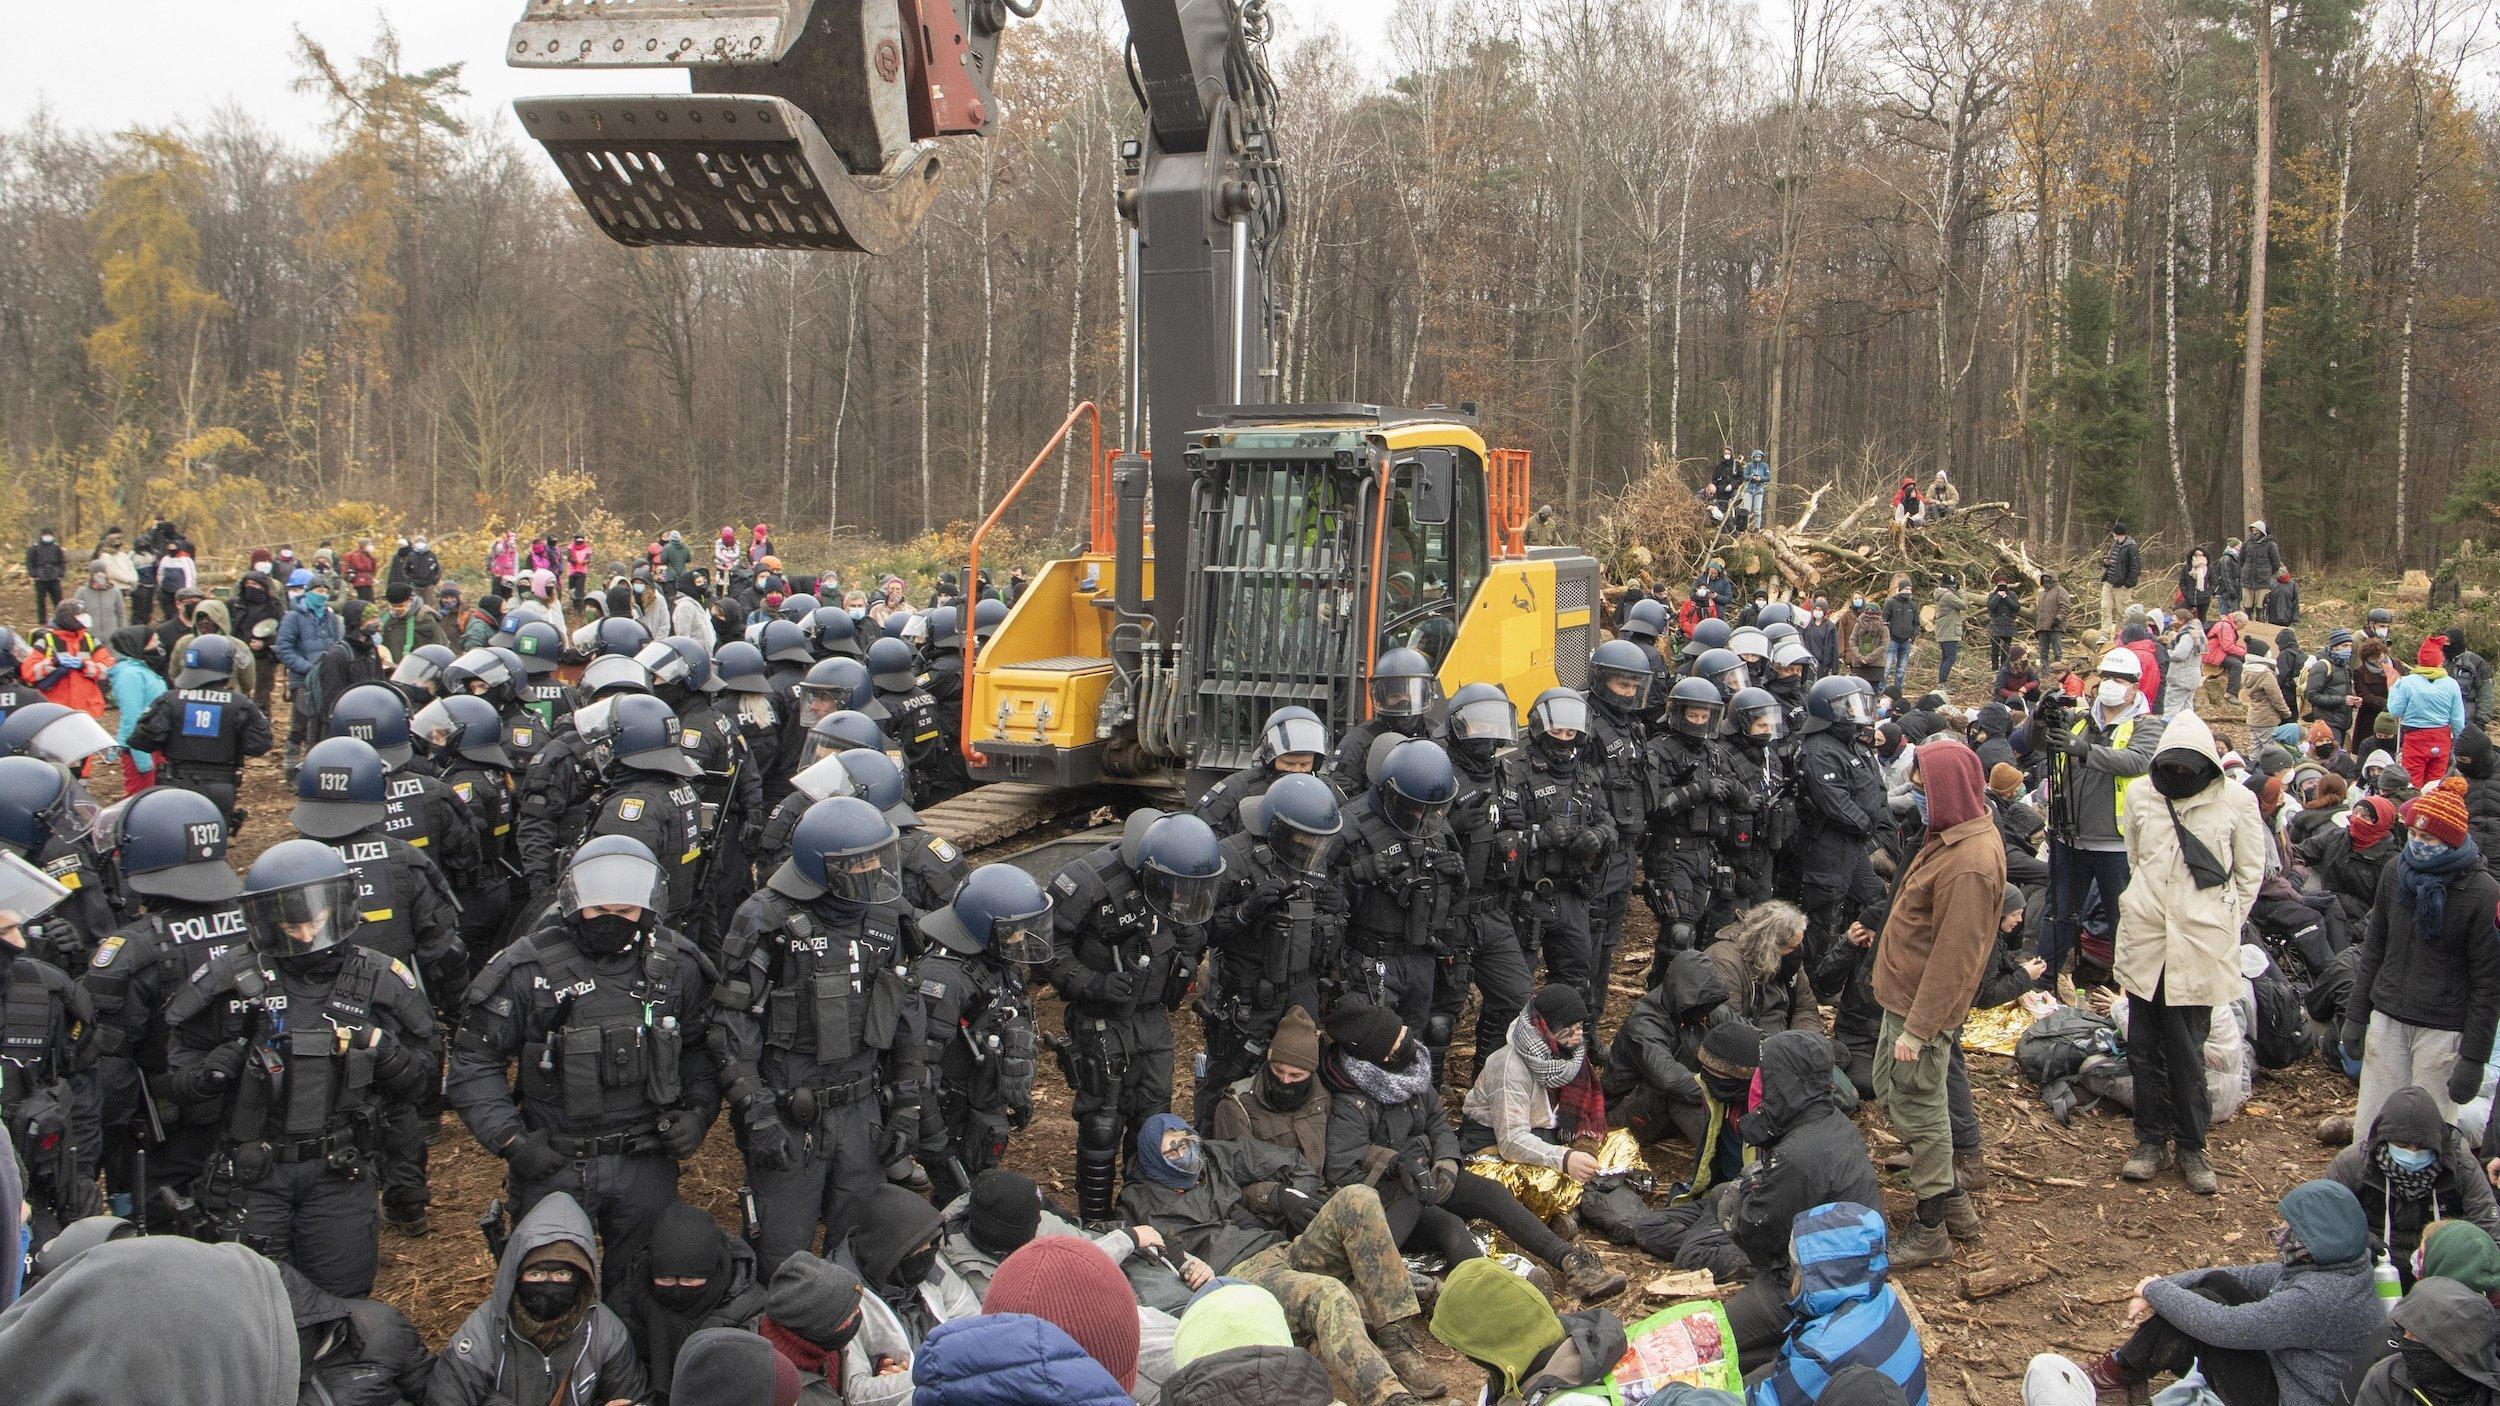 Der Dannenröder Forst soll einer Autobahn weichen. Aktivistînnen haben Ende 2020auf der Rodungsfläche im Wald einen Bagger blockiert. Polizistïnnen stellen sich ihnen entgegen.